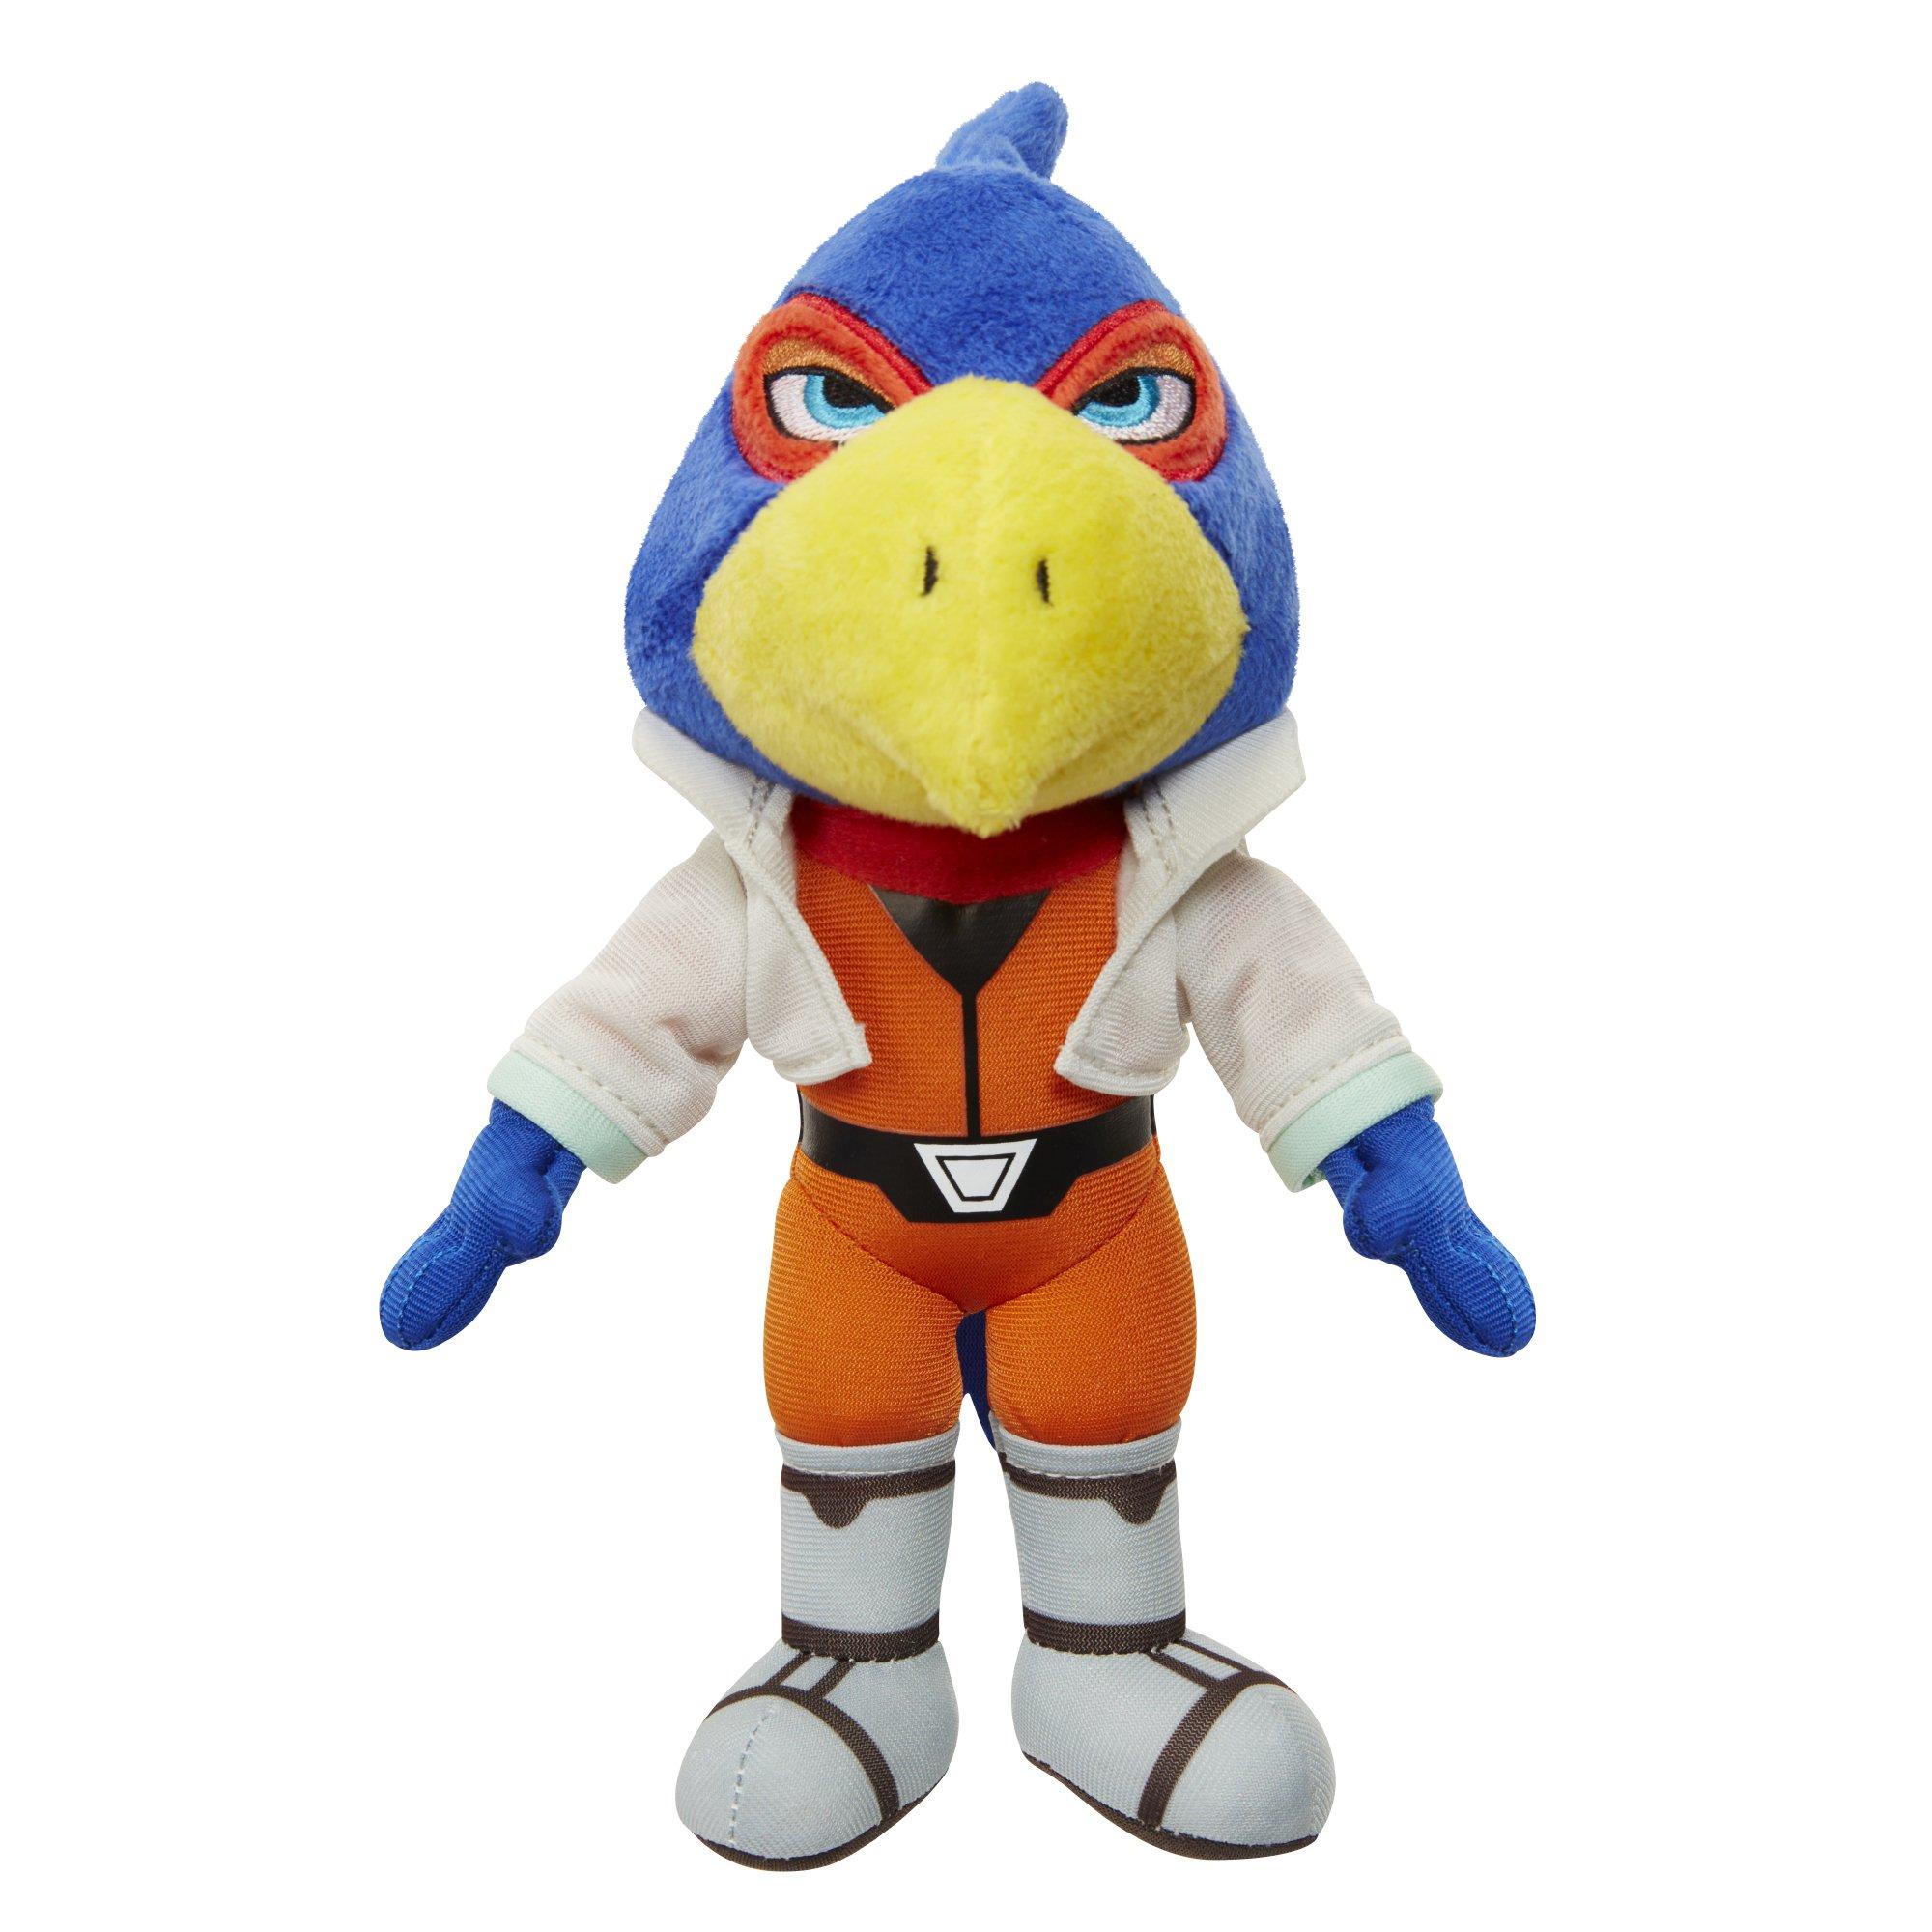 NINTENDO World of Nintendo Falco Lombardi Plush